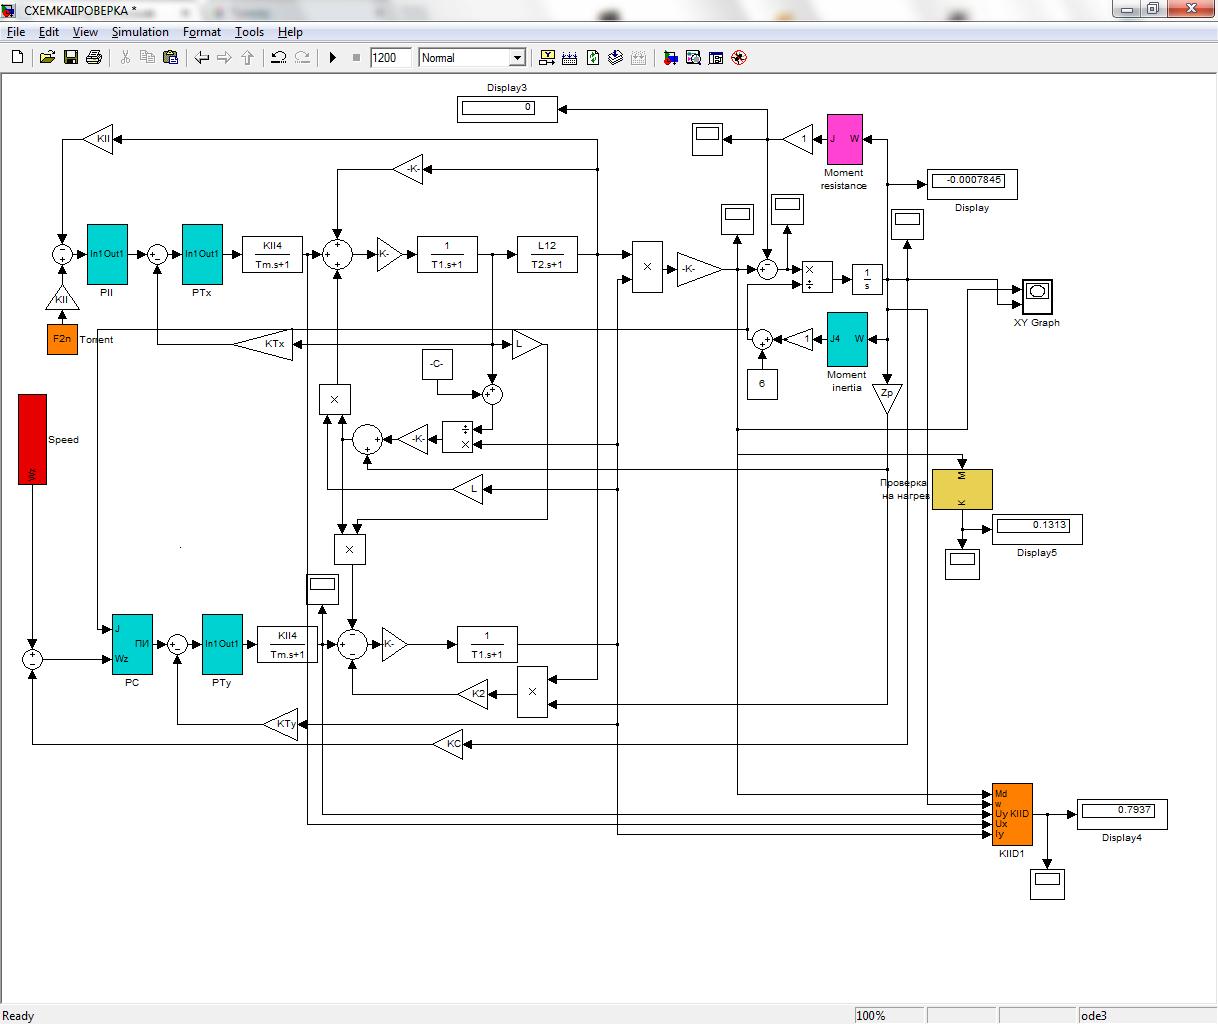 Схема управления асинхронным двигателем в реверсивном режиме